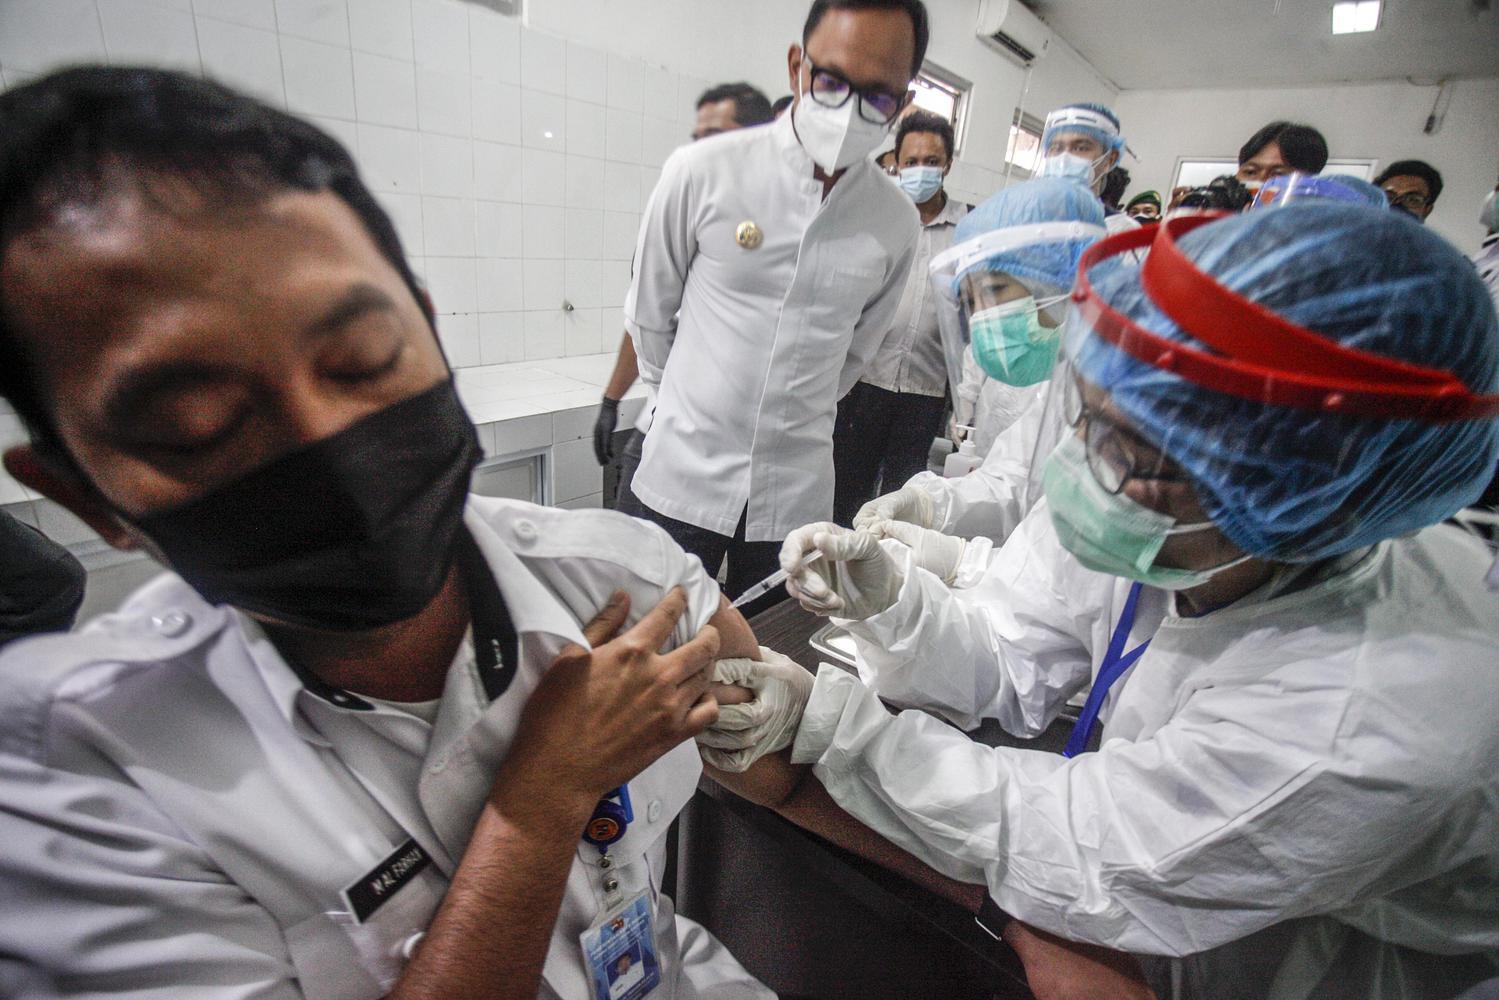 Petugas medis menyuntikan vaksin COVID-19 ke seorang tenaga kesehatan disaksikan Wali Kota Bogor Bima Arya (tengah) di RSUD Kota Bogor, Bogor, Jawa Barat, Kamis (14/1/2021). Sebanyak 1,2 juta tenaga kesehatan yang selama ini menjadi garda terdepan dalam penanganan pandemi COVID-19 di Indonesia, menjalani vaksinasi Covid-19 tahap pertama yang dimulai Rabu (13/1).